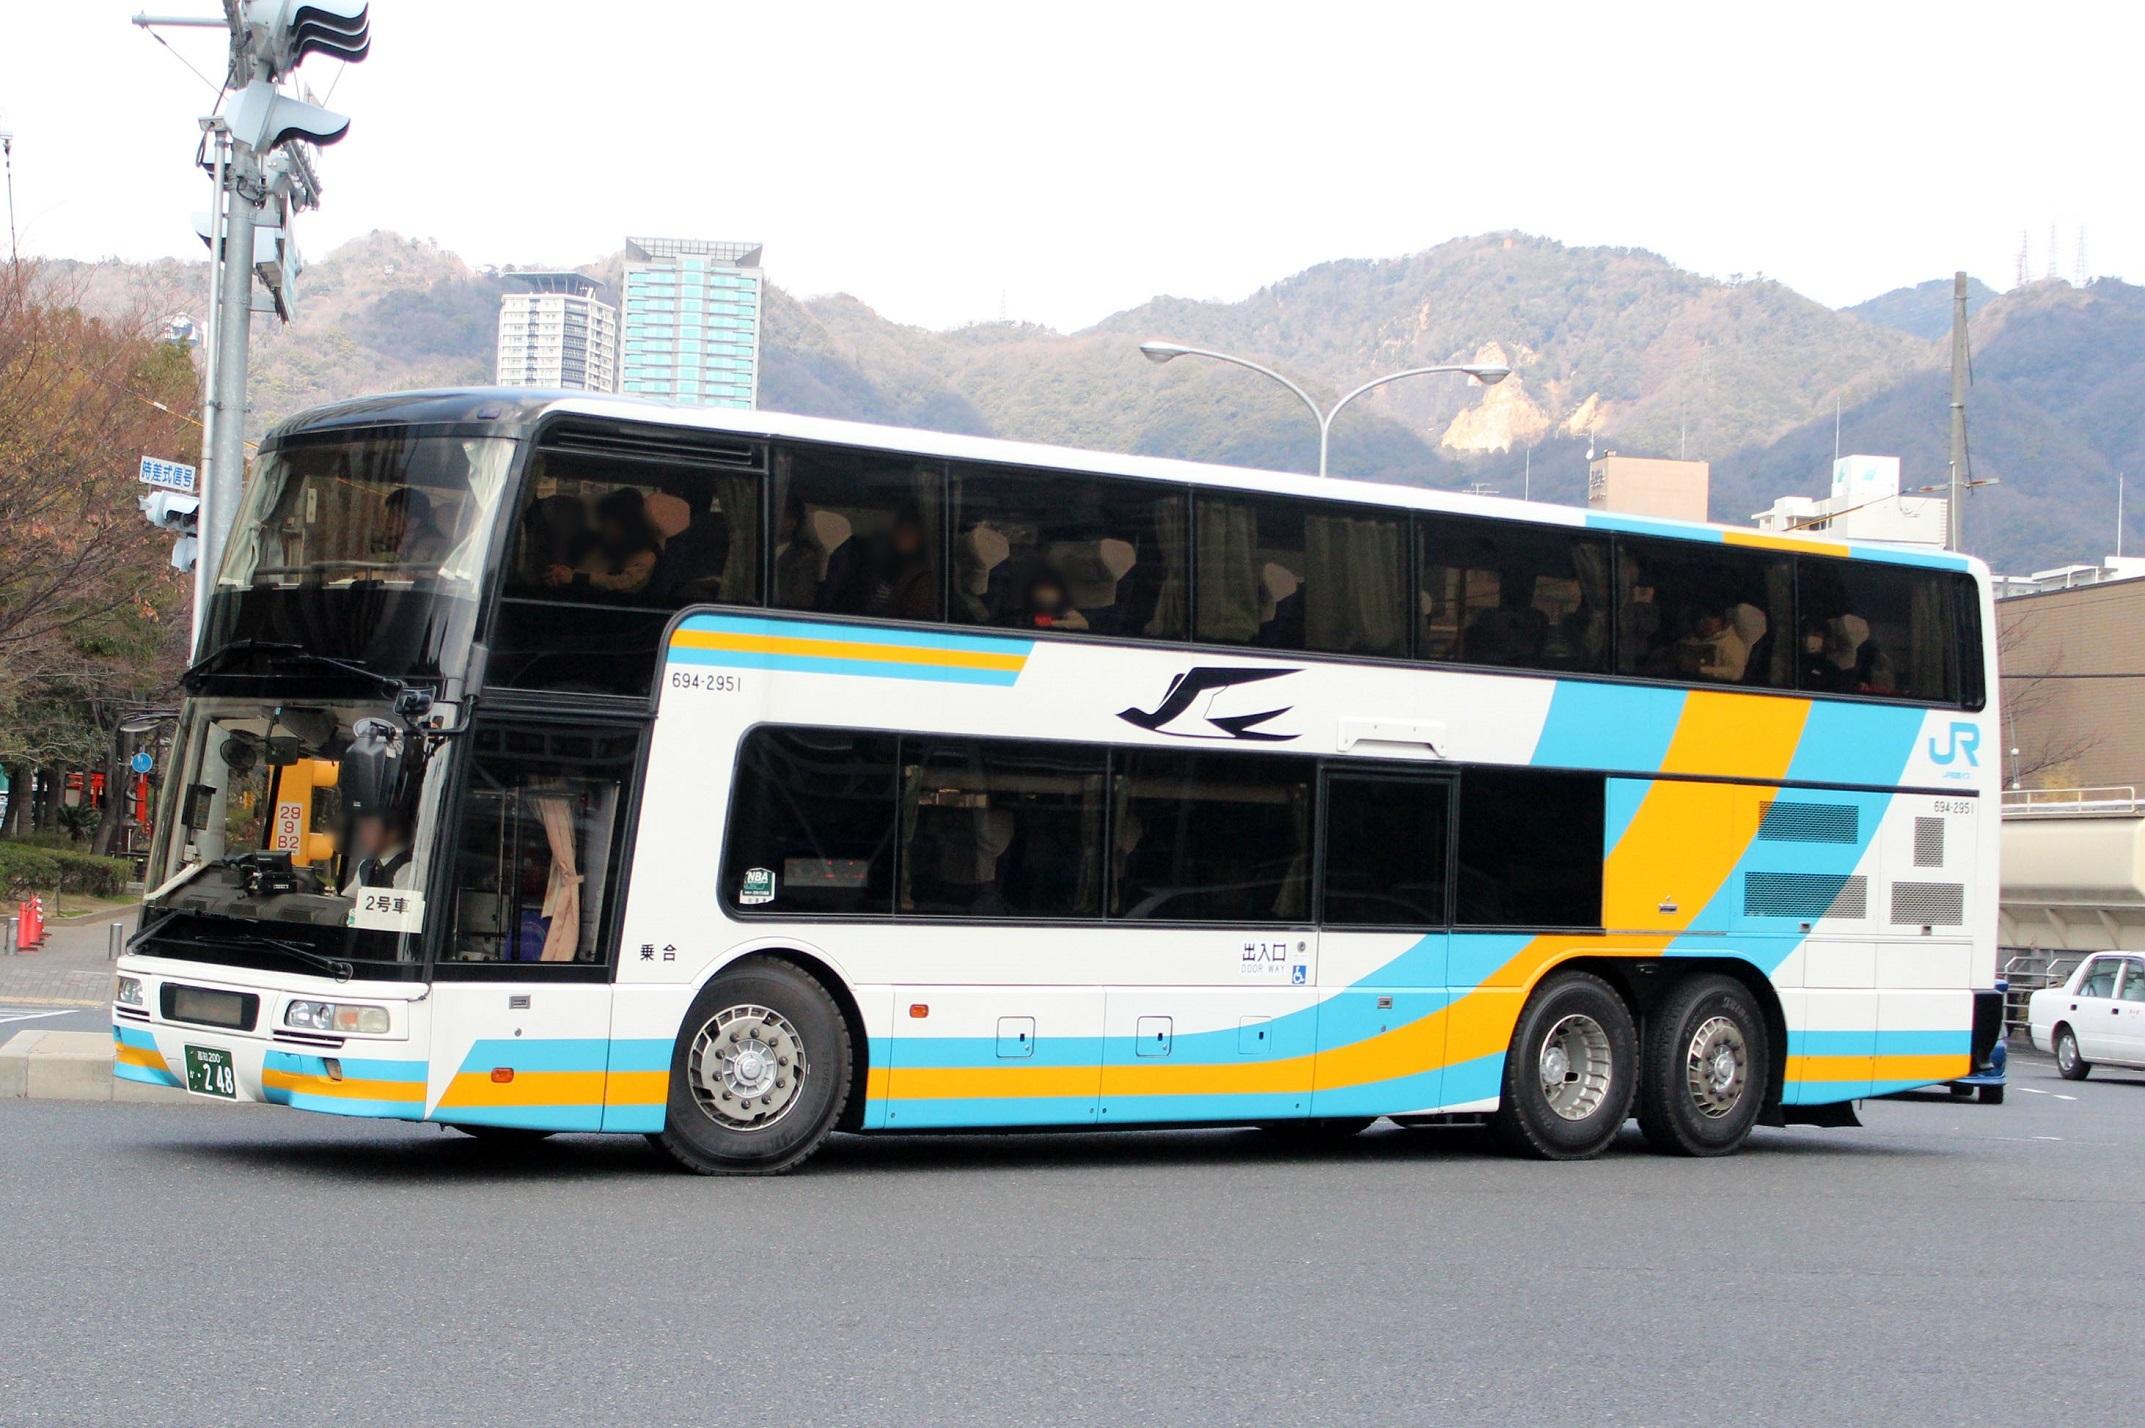 JR四国バス 694-2951